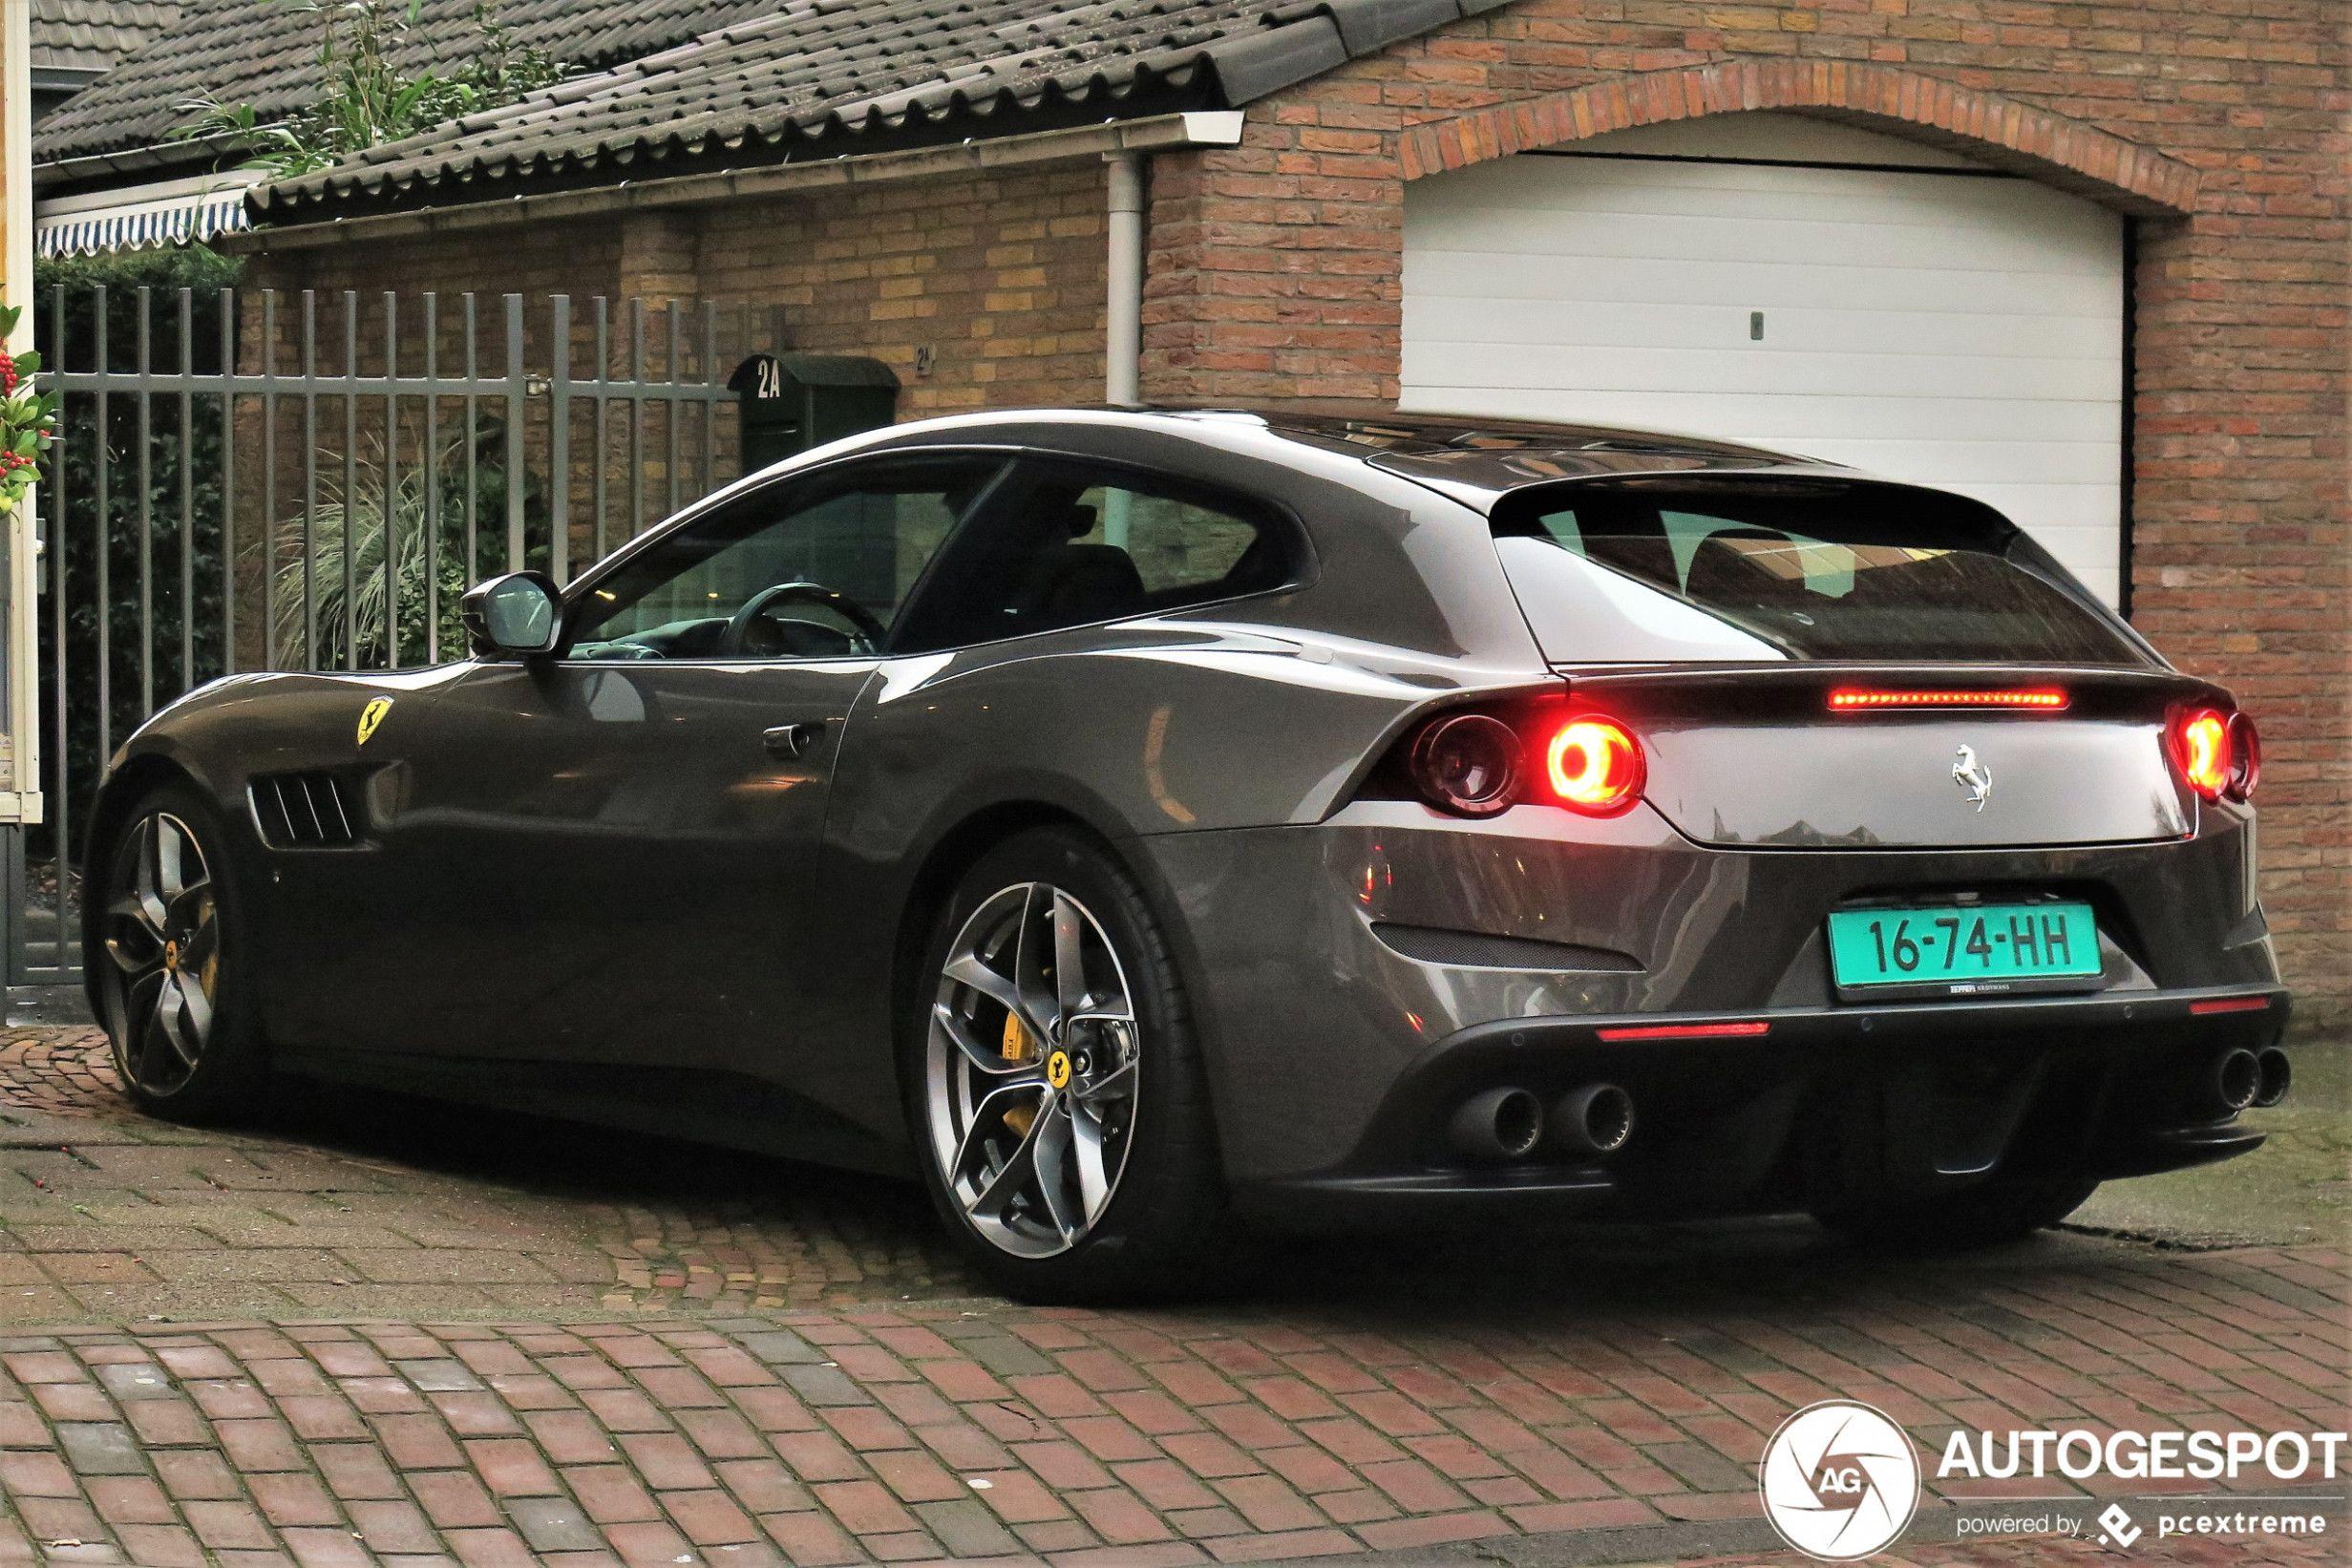 9 Picture Ferrari Gtc4lusso T 2020 Ferrari Living In Car Ferrari Car